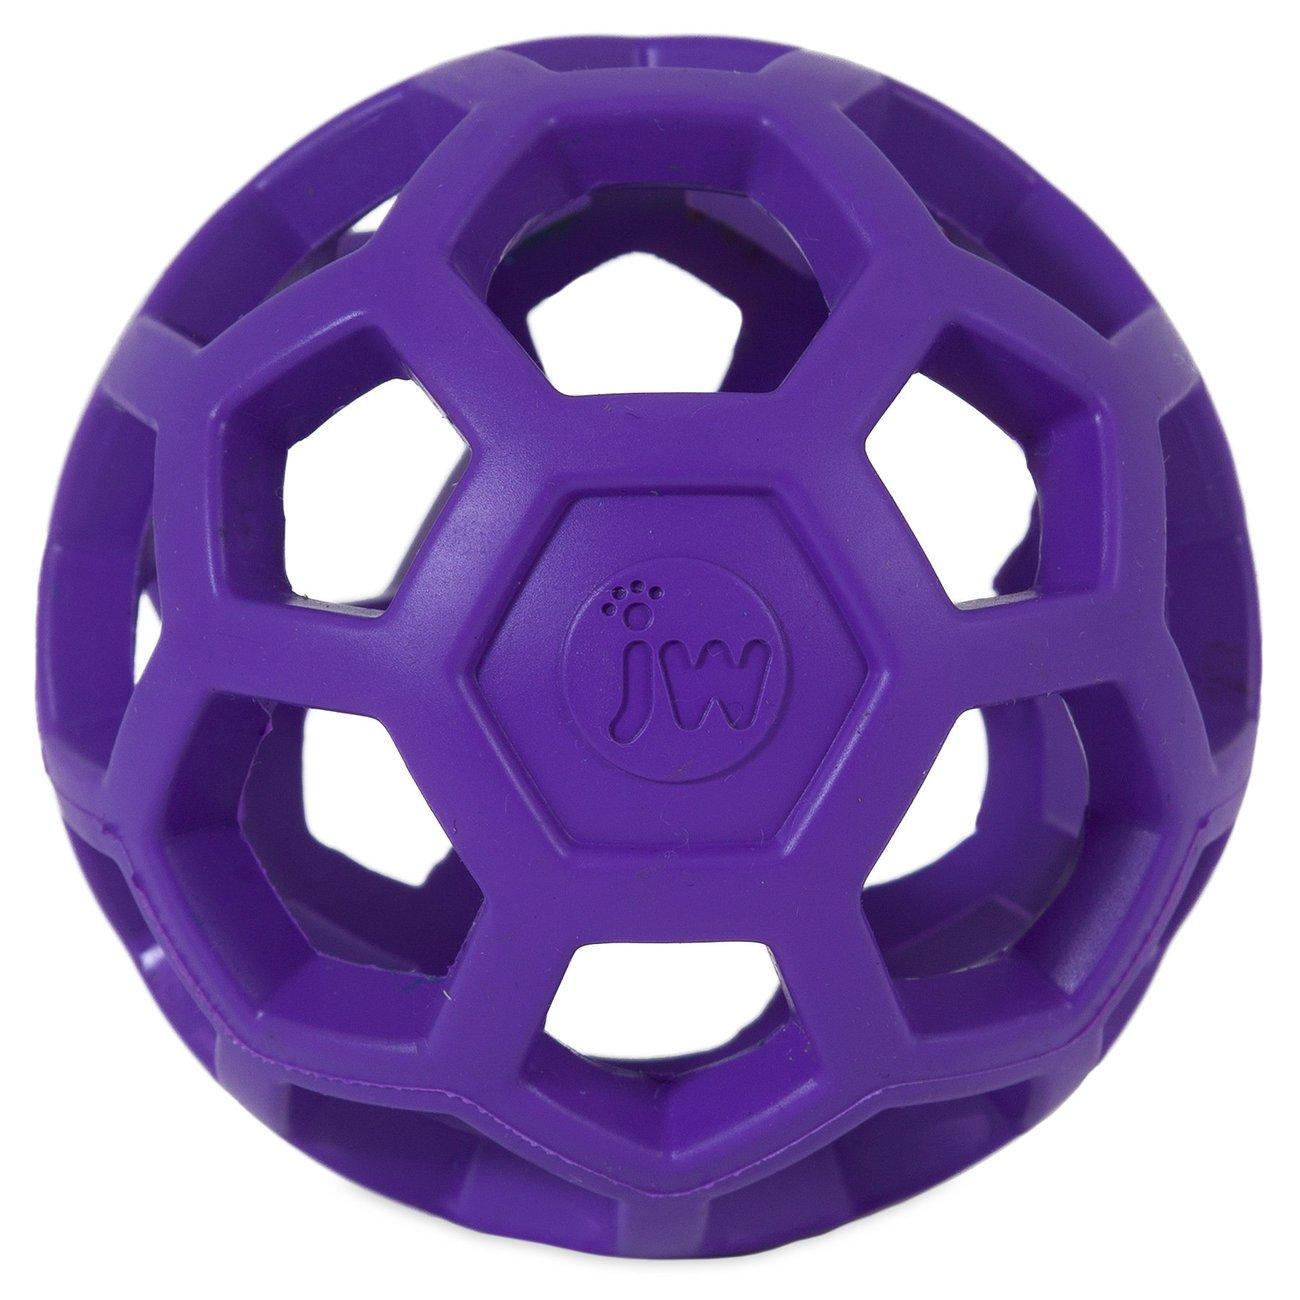 JW Pet HOL-EE Roller Lochball für Hunde, Bild 3